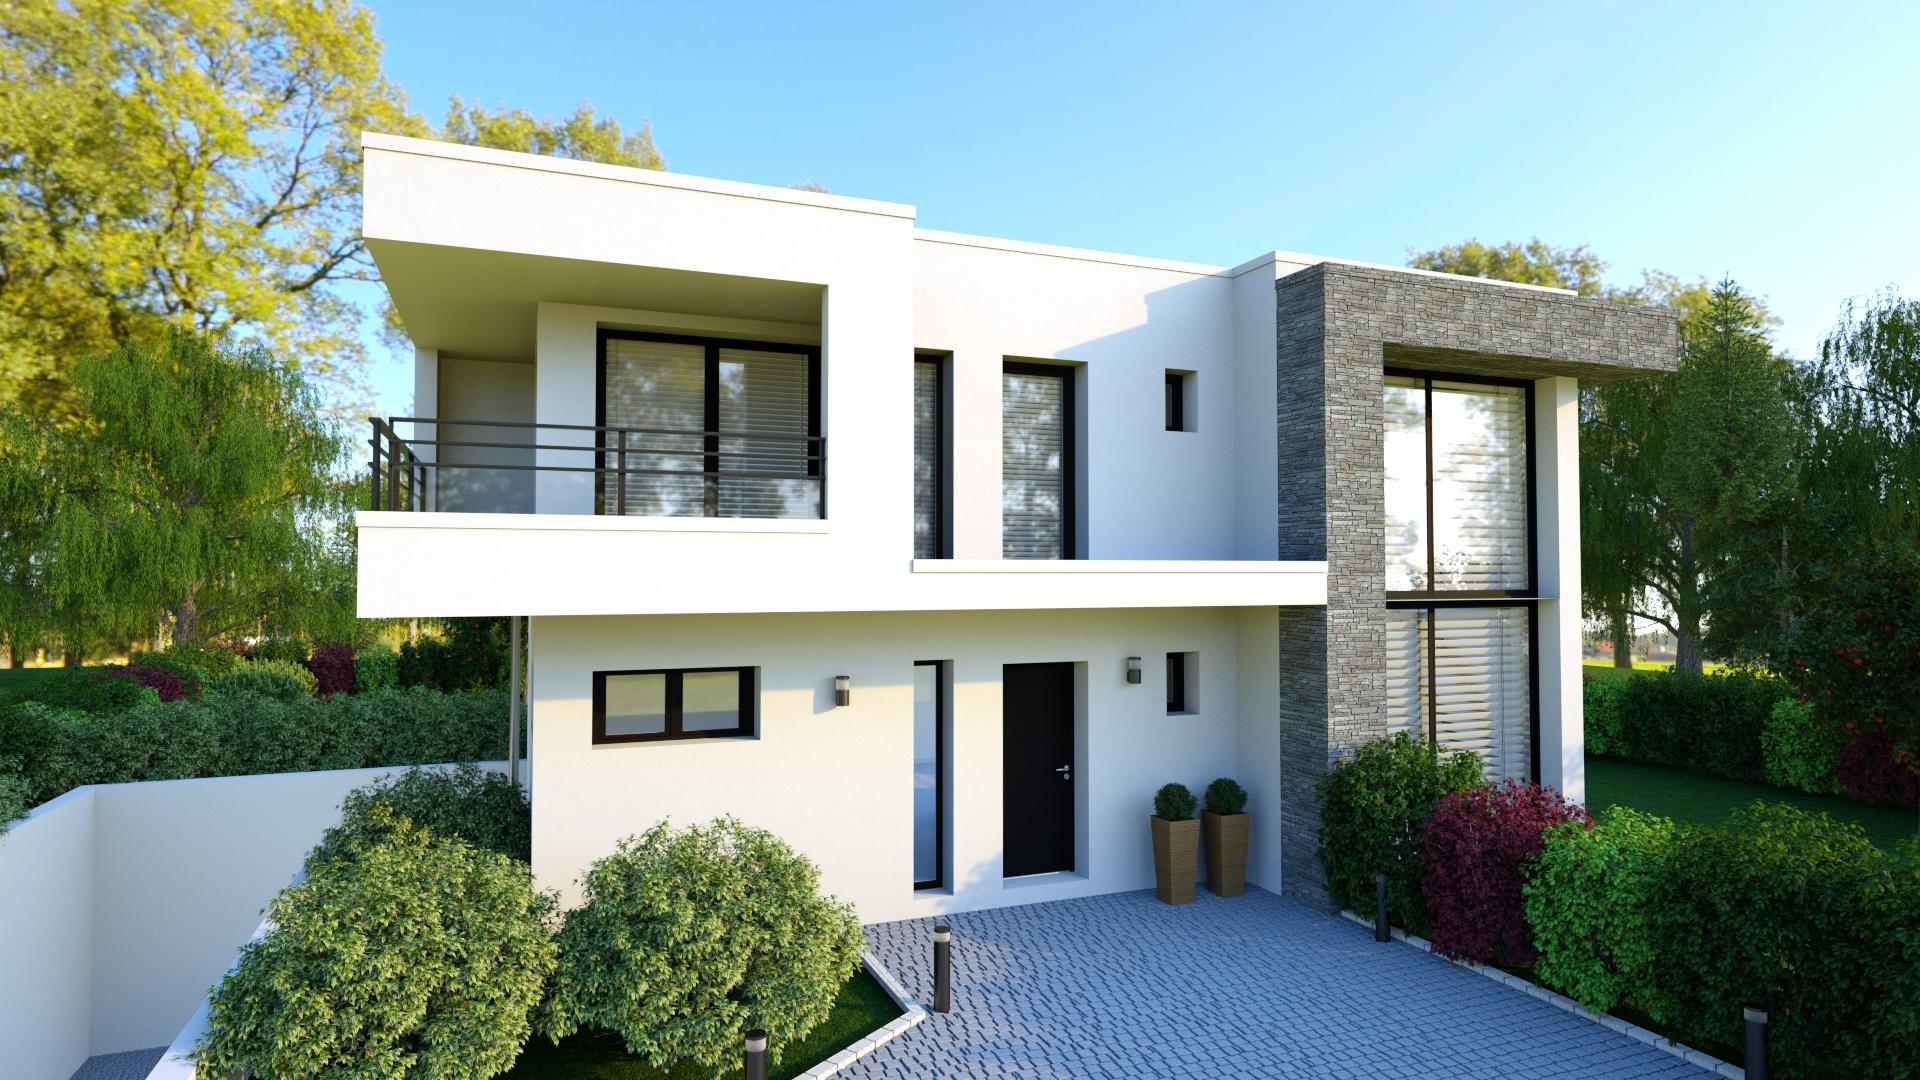 Maison Toiture Terrasse Avec Sous-Sol avec Terrasse Toit Plat